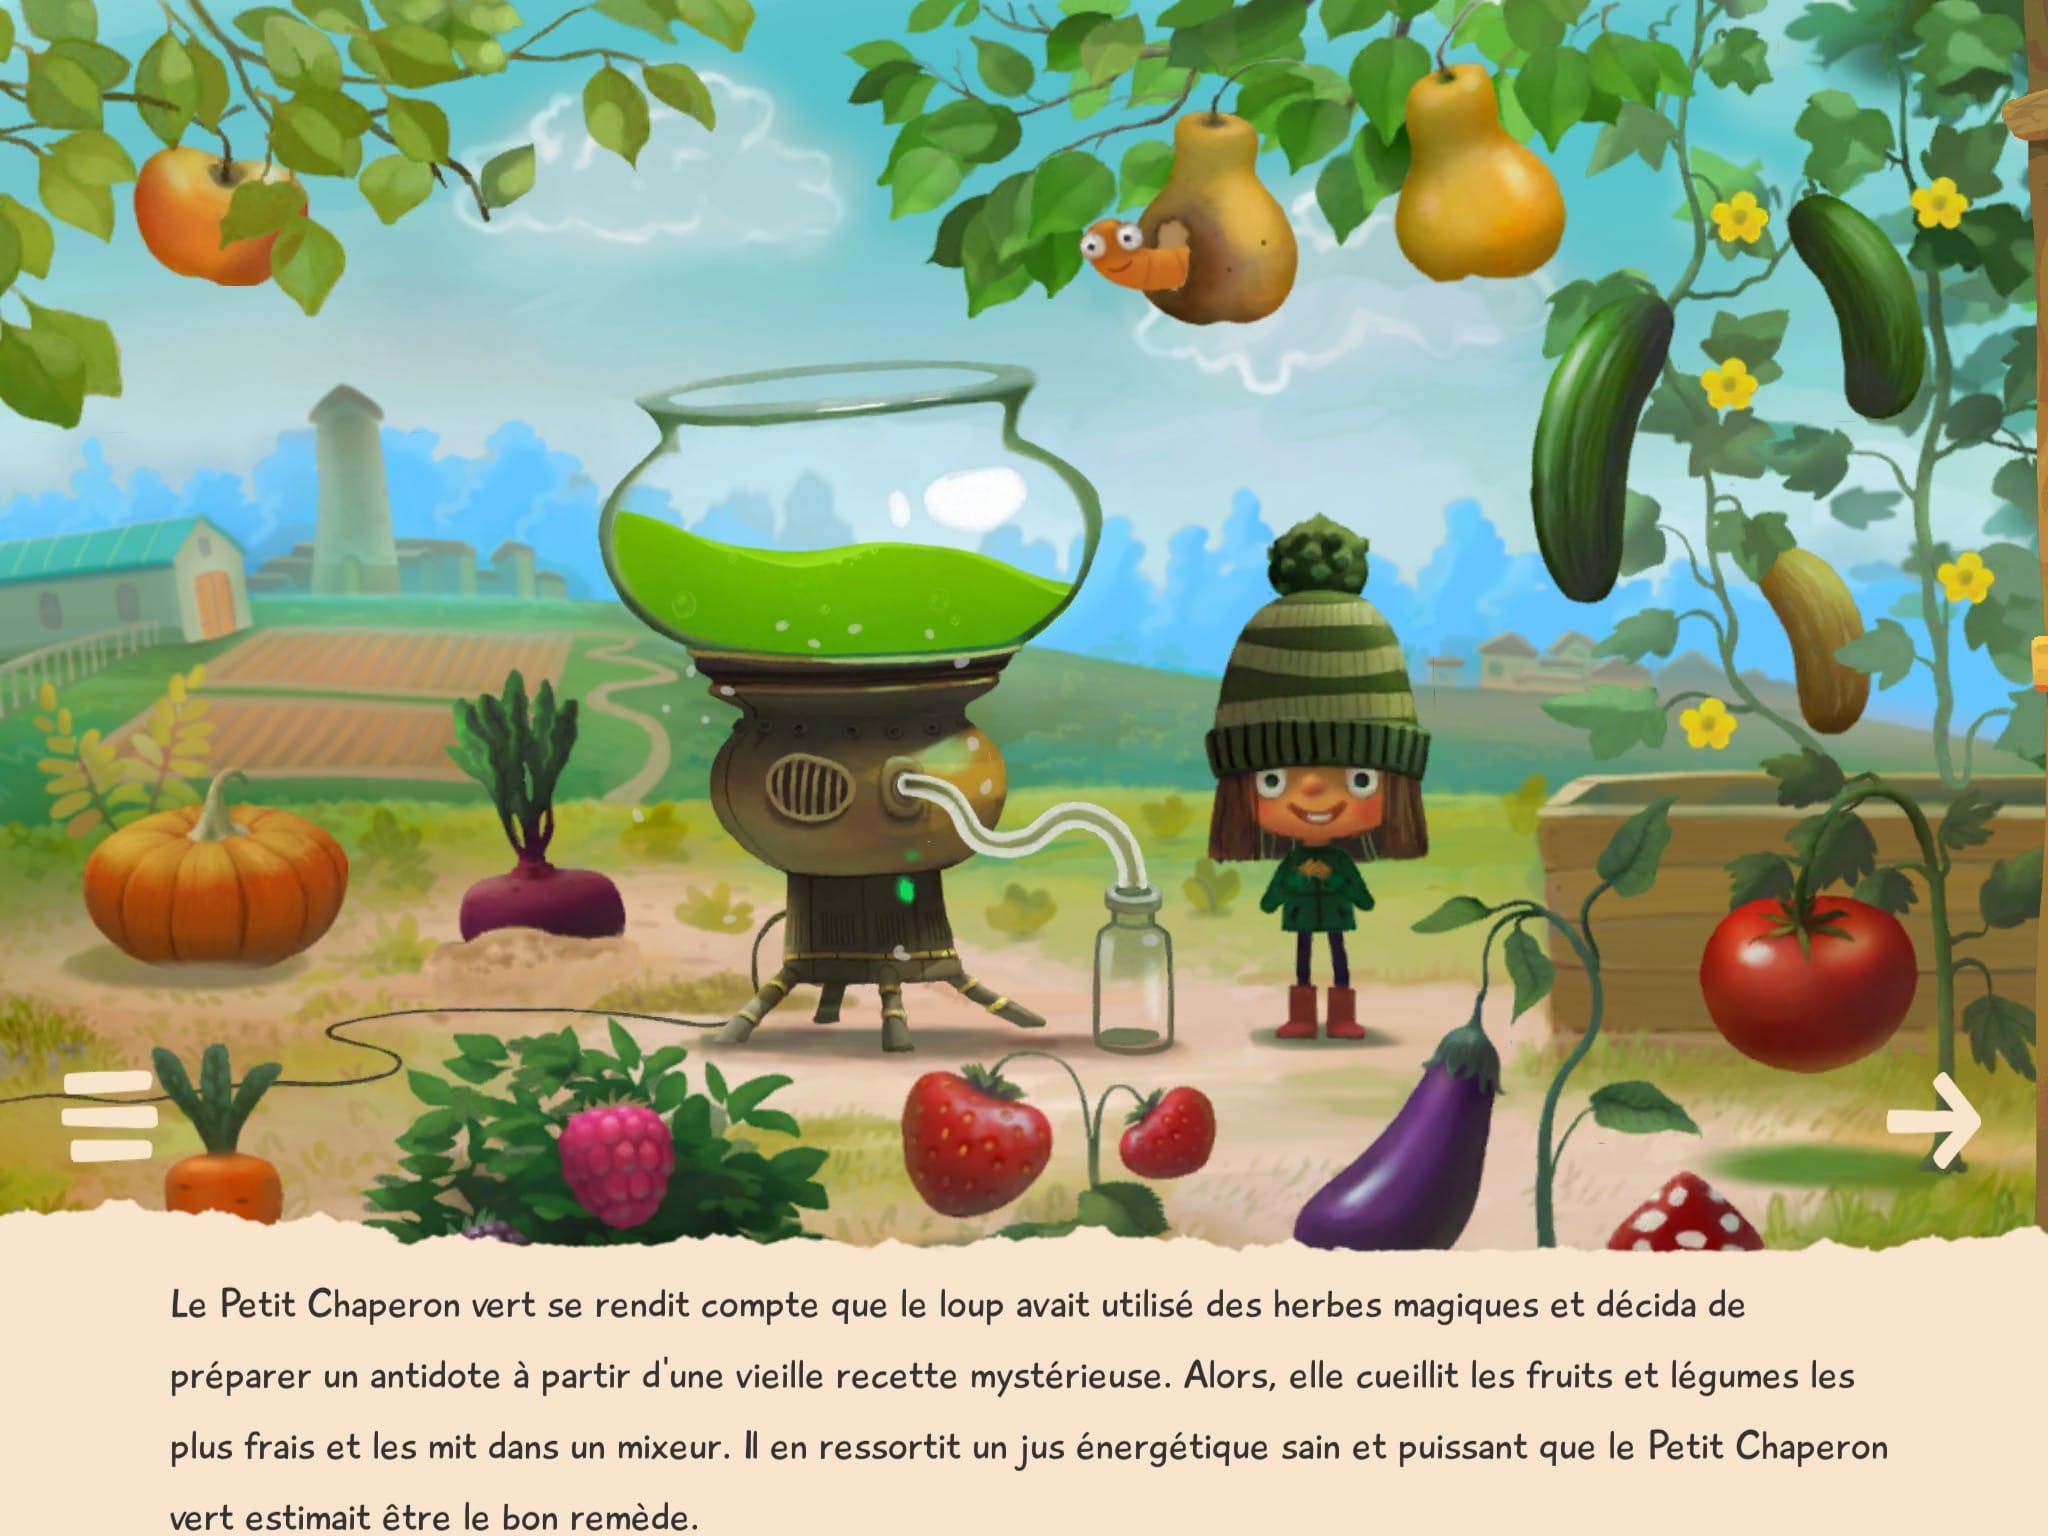 """Résultat de recherche d'images pour """"le petit chaperon vert appli"""""""